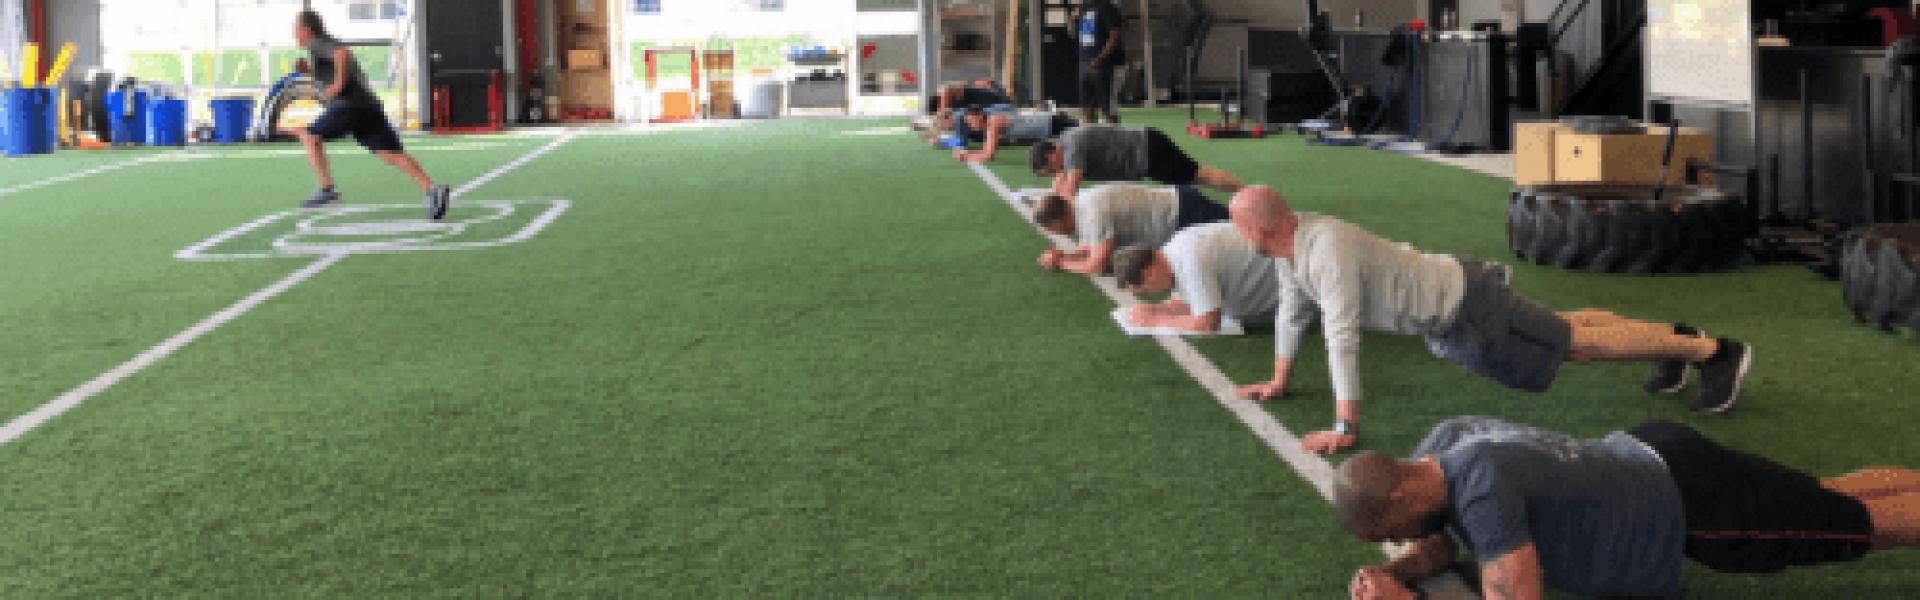 adult_fitness_classes_-_orthocarolina